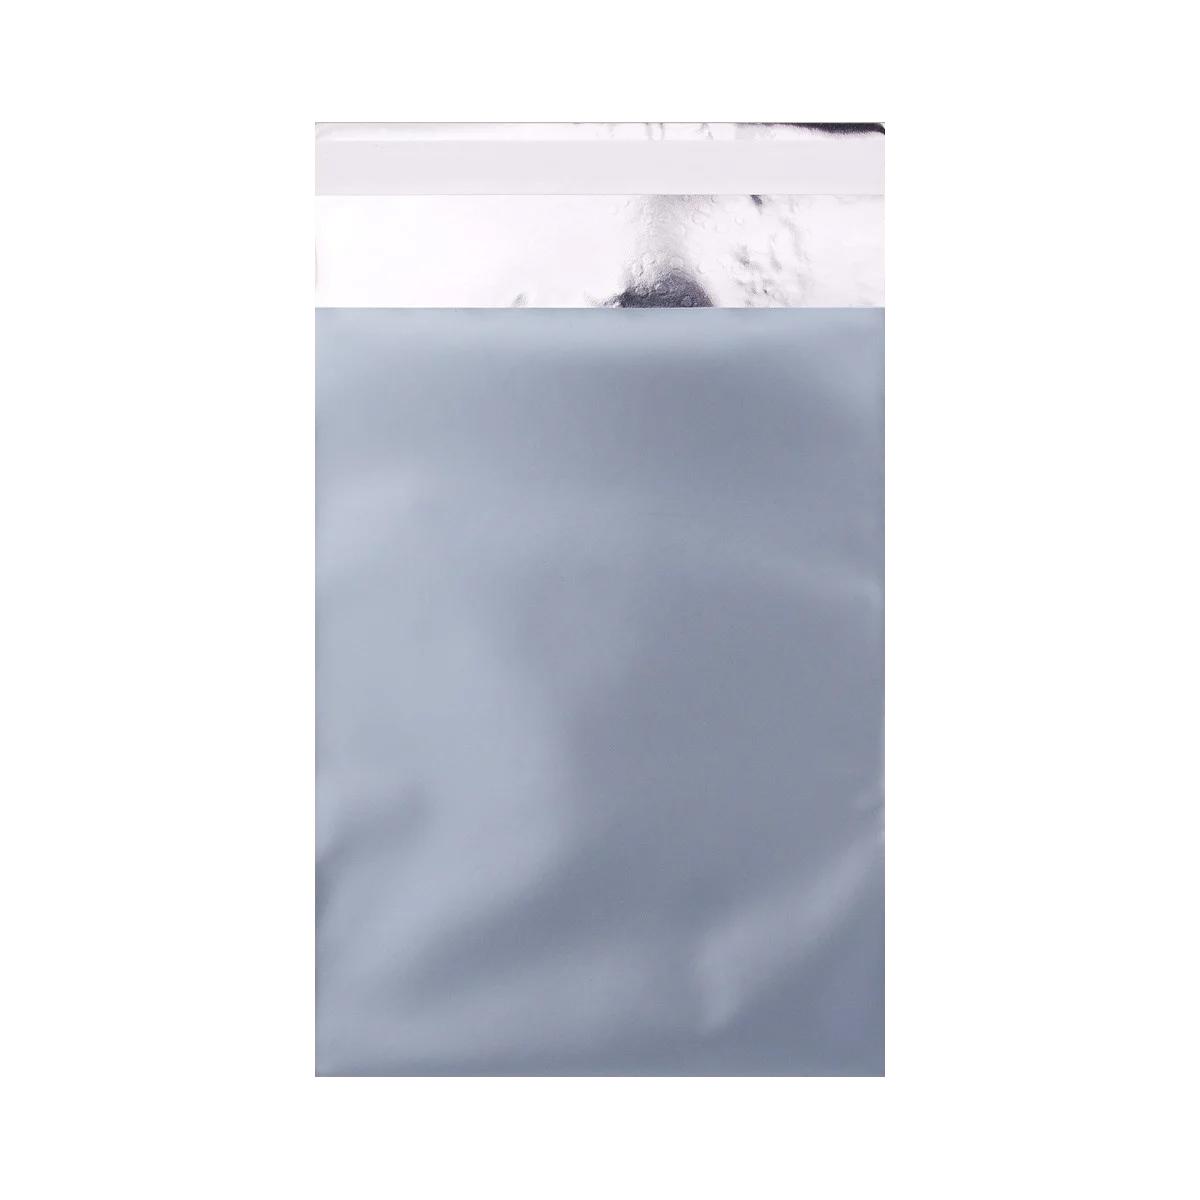 Mattfolierad påse Isblå